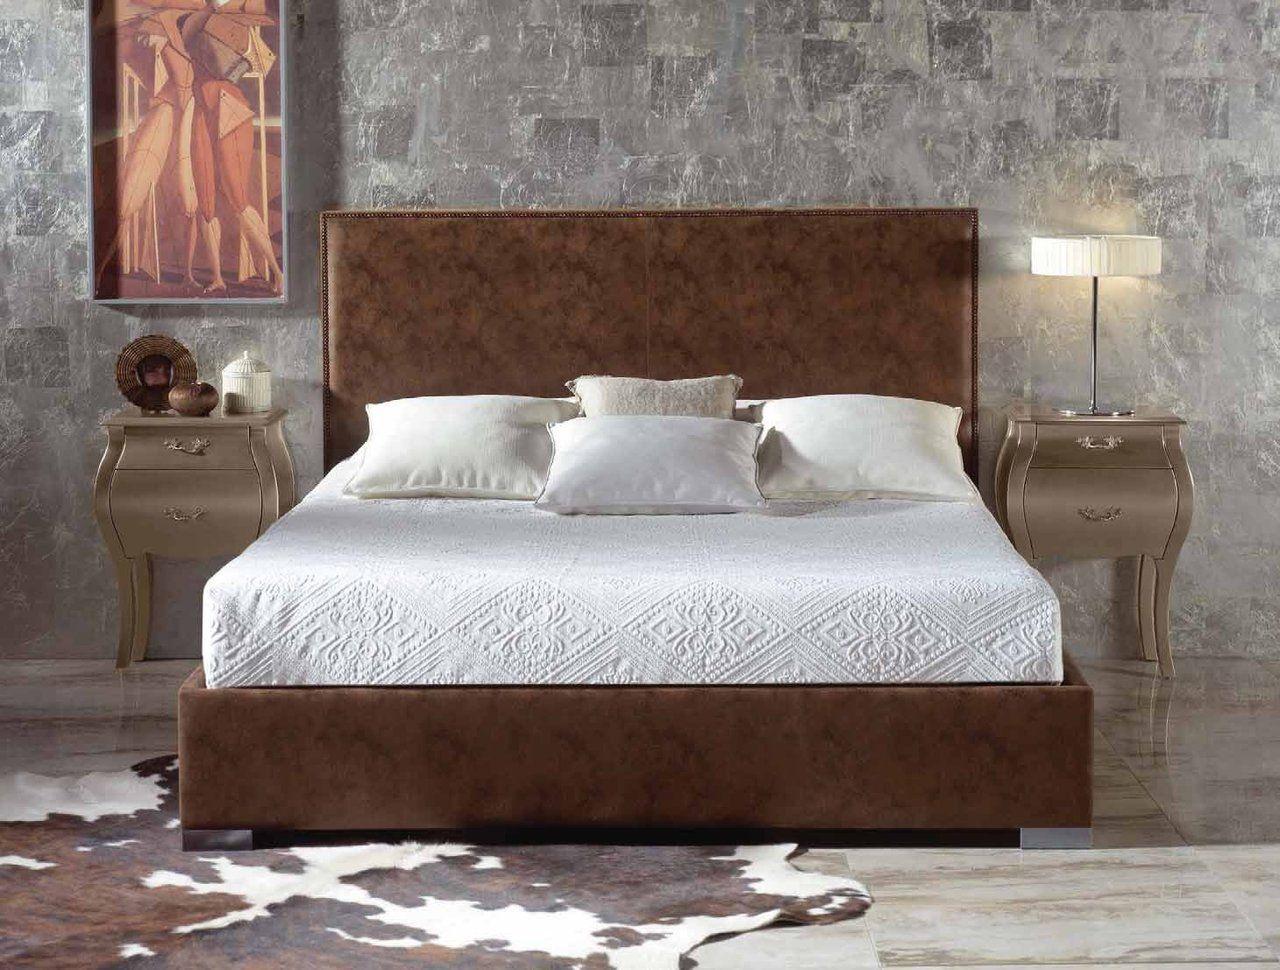 Cabeceros de cama tapizados lamparas sevilla - Cabeceros tapizados vintage ...